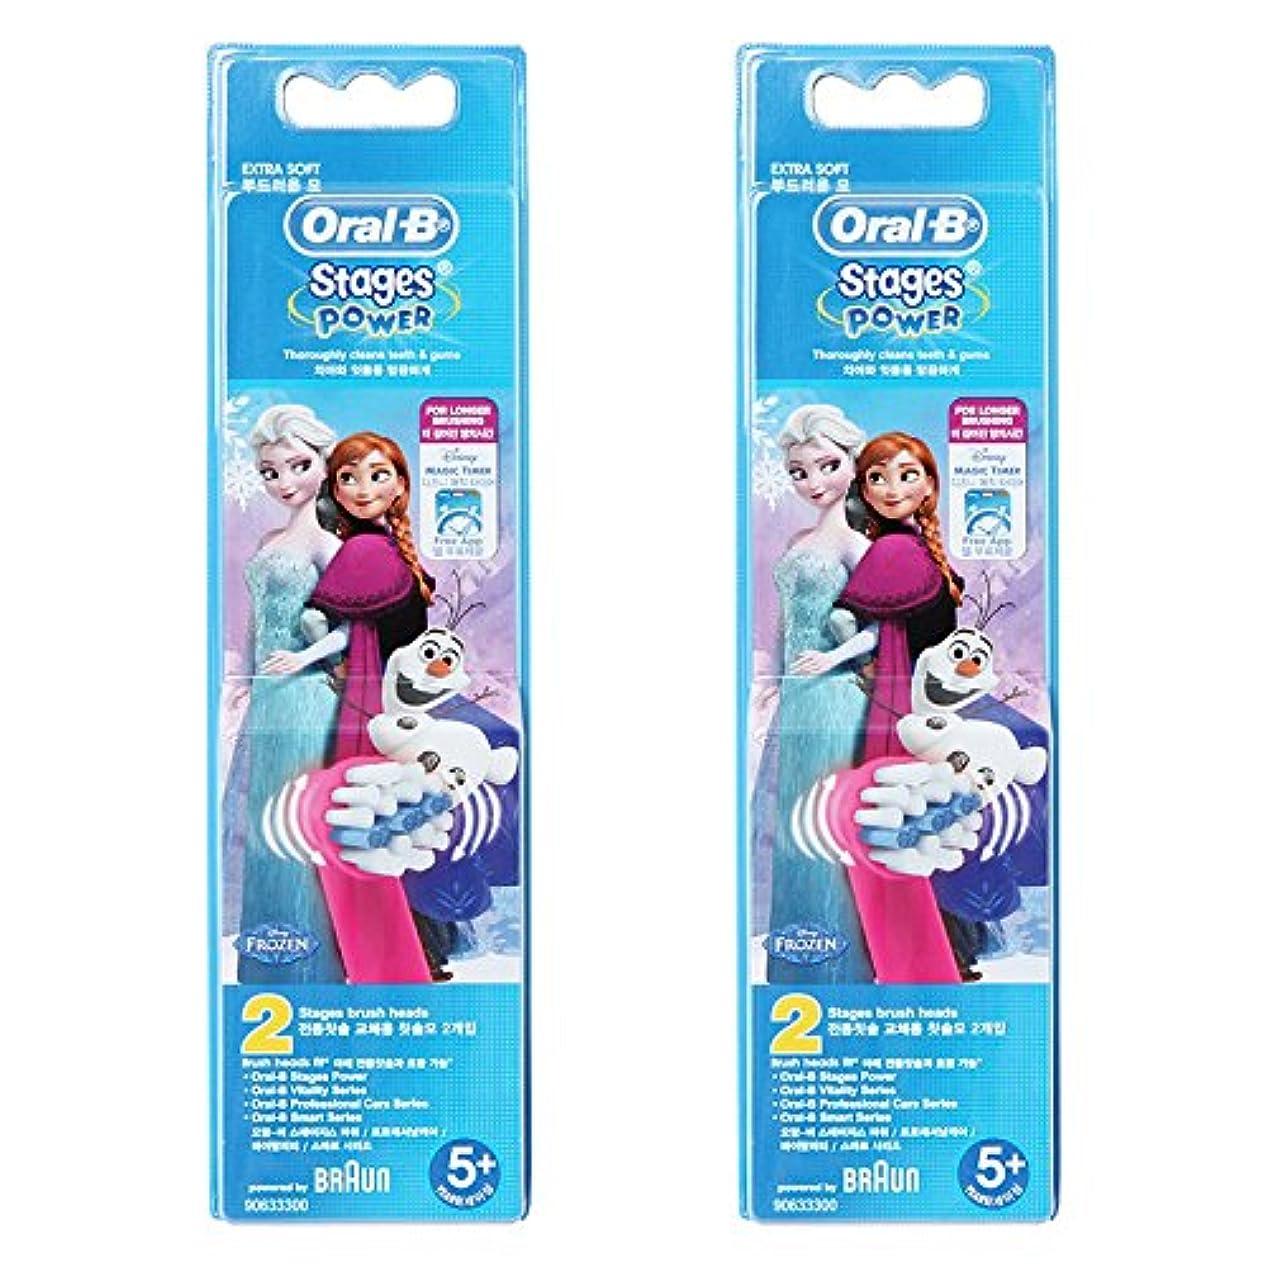 アンタゴニスト復讐倒産Braun Oral-B EB10-2 Disney FROZEN 歯ブラシ交換用ブラシヘッド 2Pack [並行輸入品]